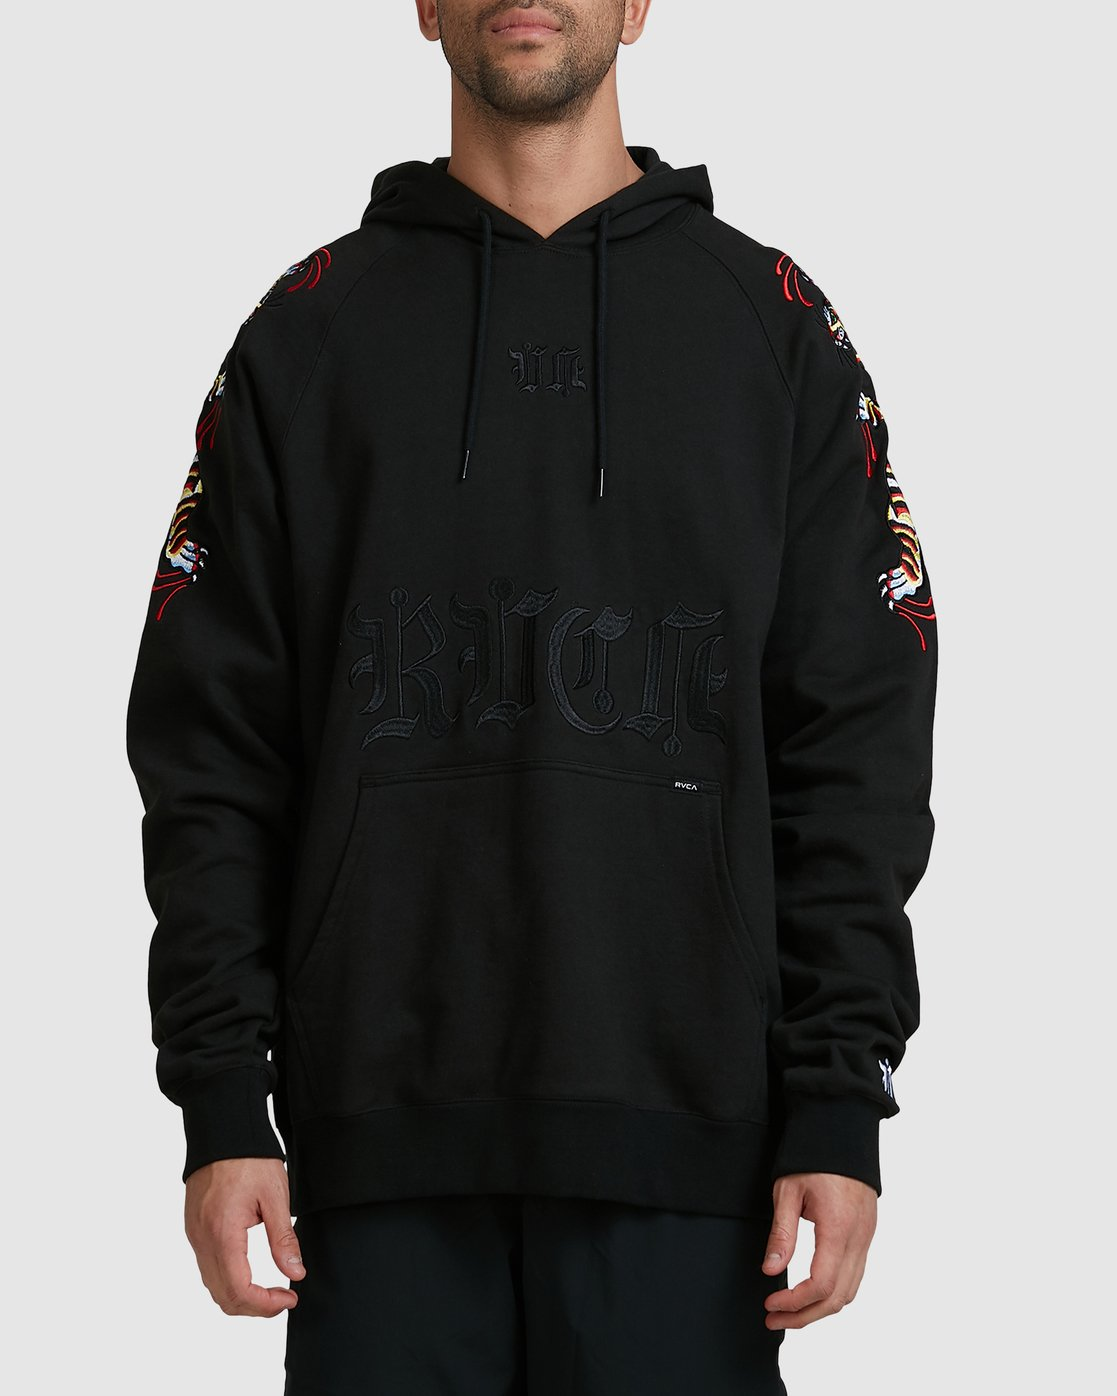 0 Tiger Krak Fleece Black R305157 RVCA